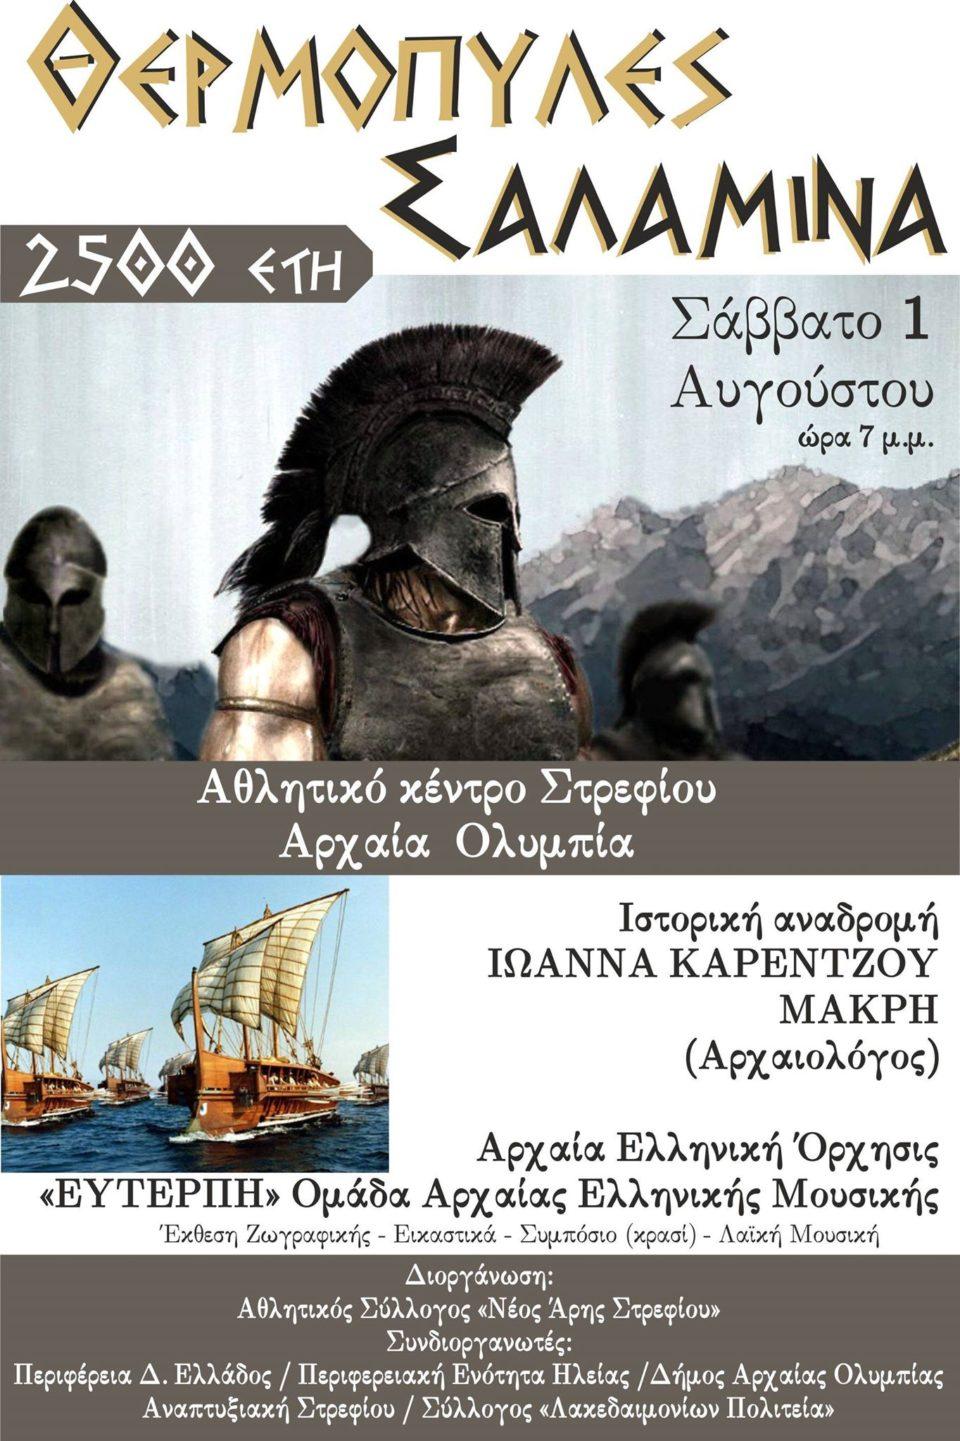 Εκδηλώσεις 2500 χρόνια Θερμοπύλες- Σαλαμίνα – Το Σάββατο 1 Αυγούστου στο Αθλητικό Κέντρο Στρεφίου